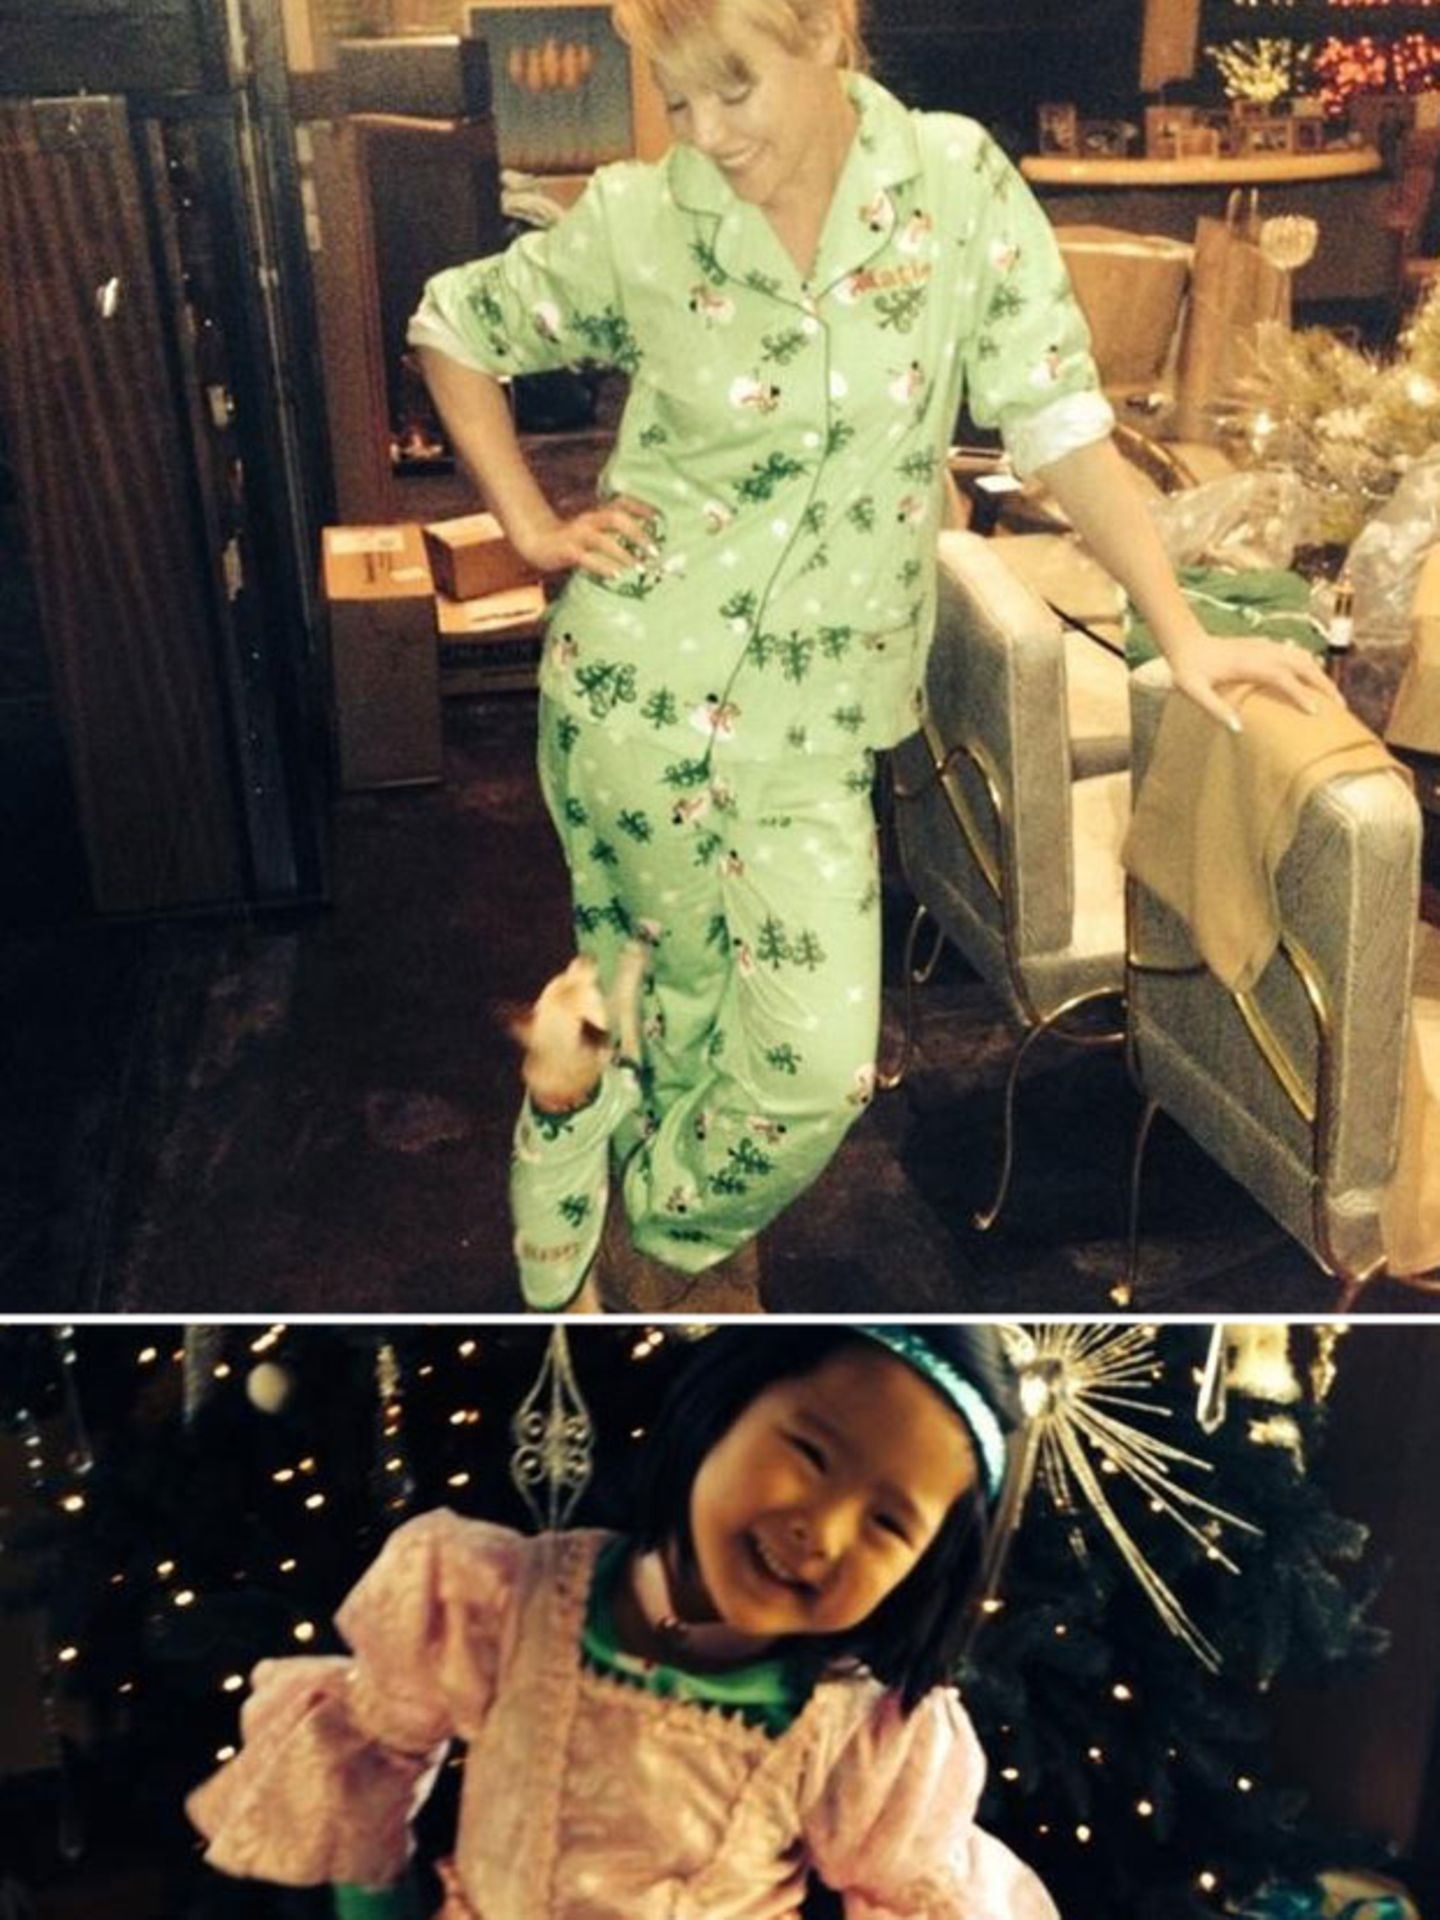 Dezember 2013  Während Tochter Naleigh sich über ihr neues Prinzessinnenkleid zu Weihnachten freut, trägt Mutter Katherine Heigl Partnerlook-Pyjama mit Hund Gerti.